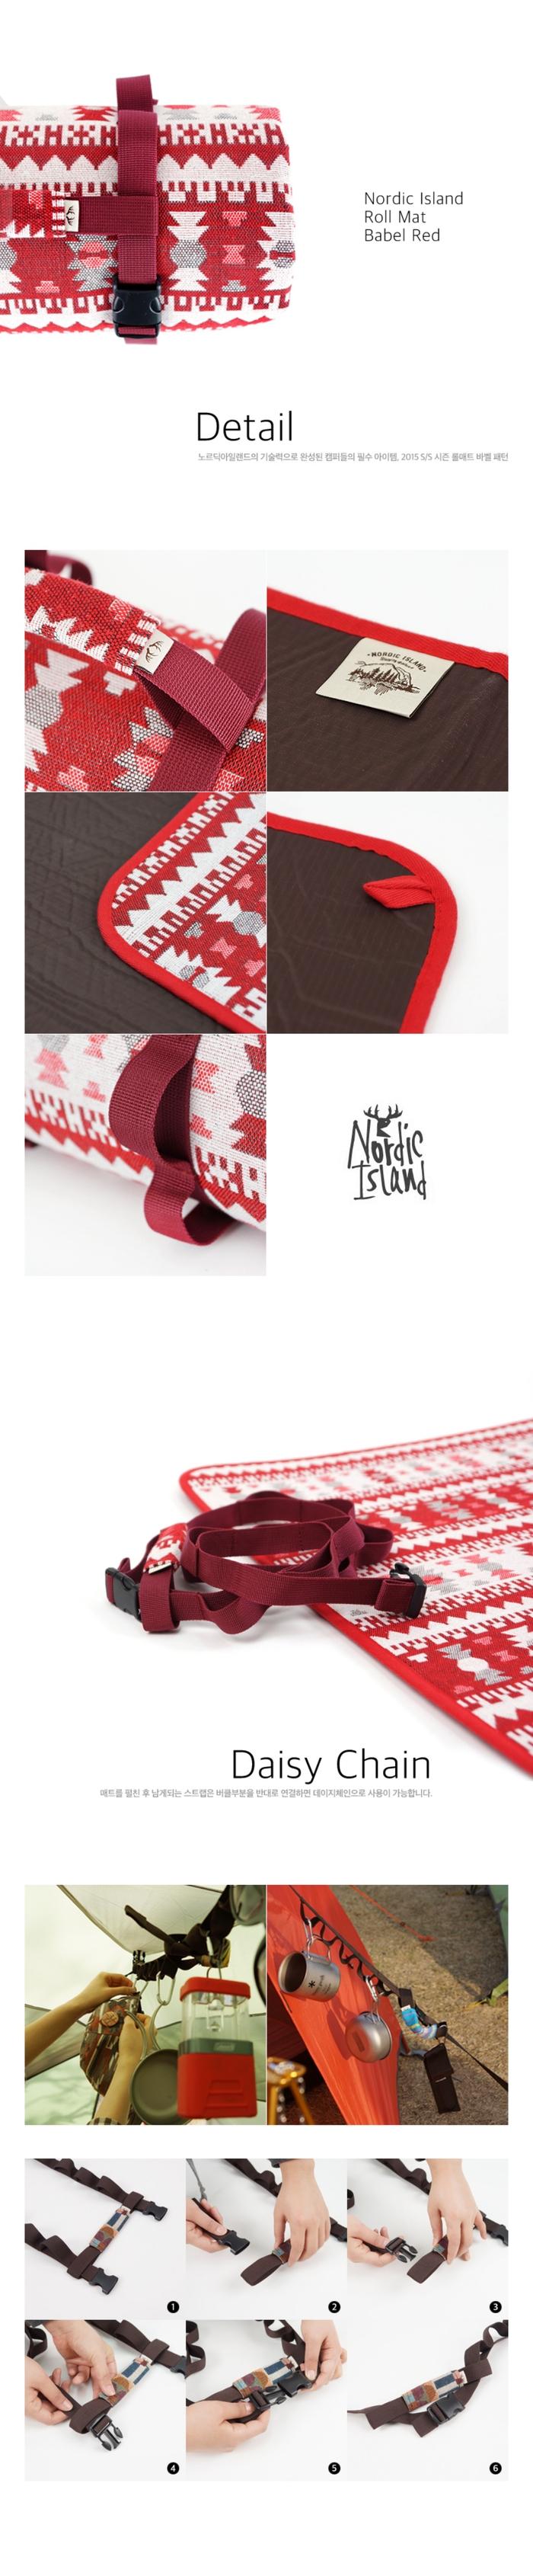 (複製)NORDIC ISLAND | Roll mat防水野餐墊 (Diagram)